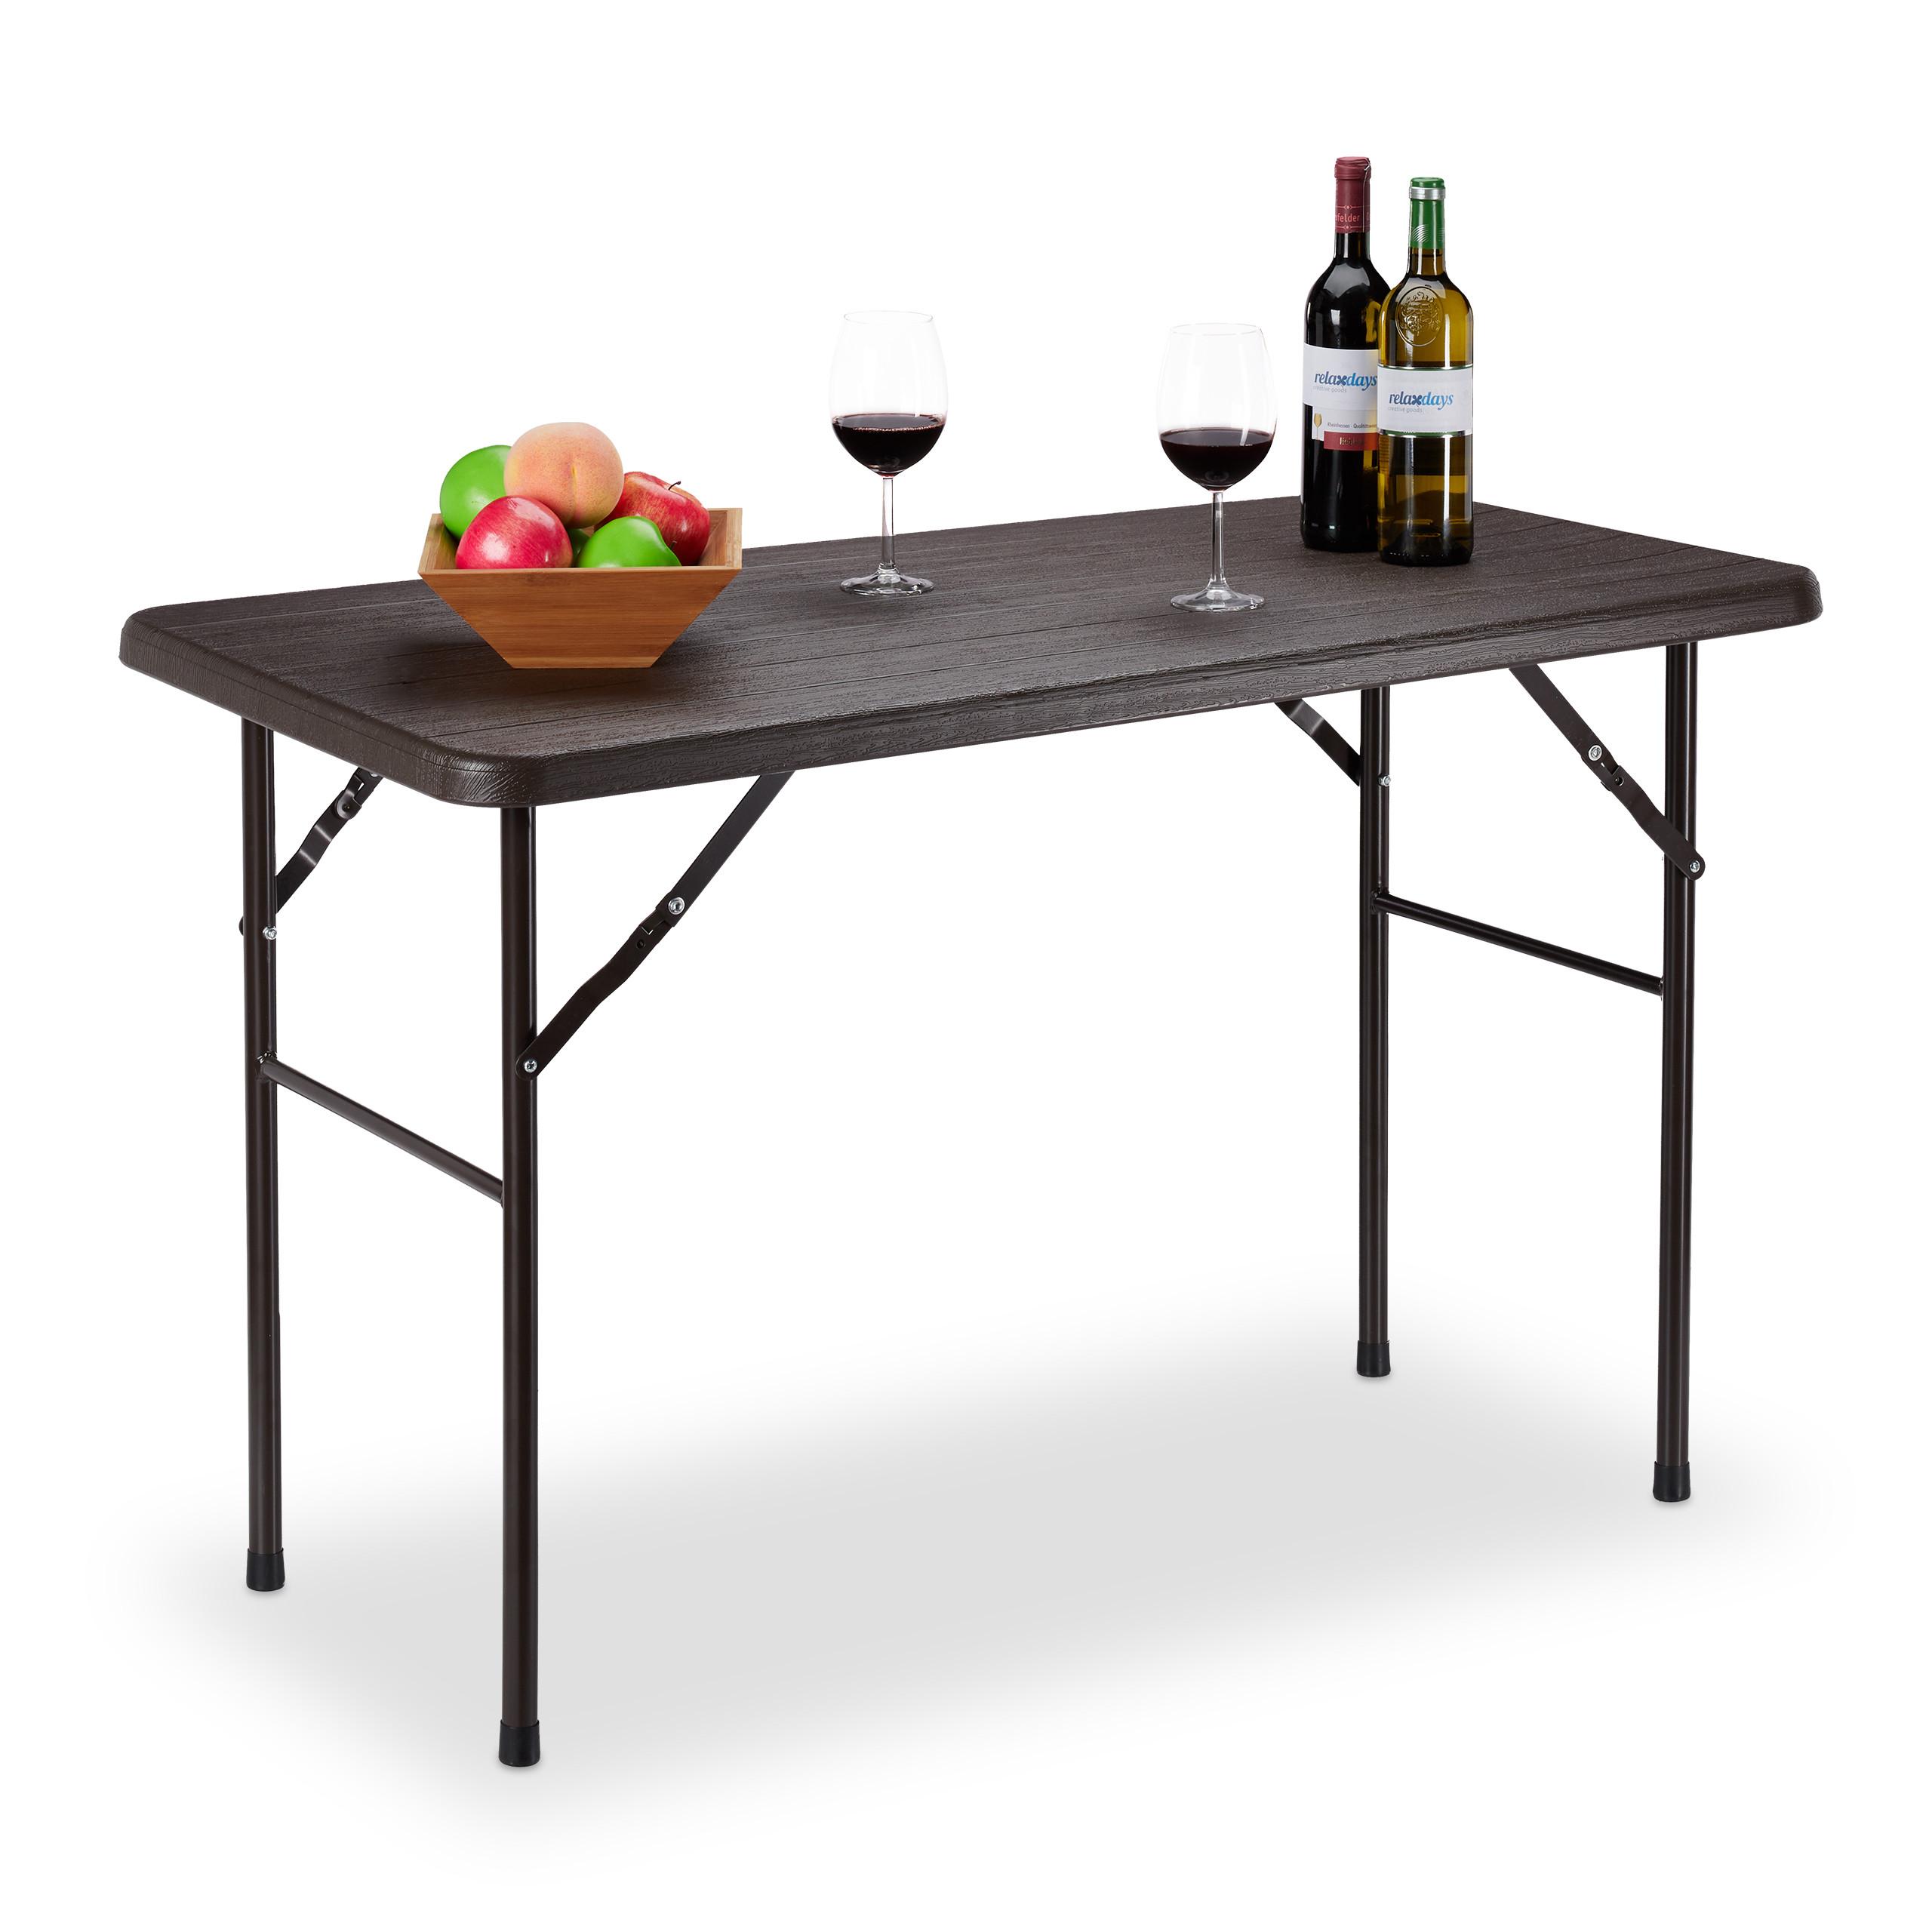 vidaXL Gartentisch Kunststoff Esstisch Campingtisch Tisch mehrere Auswahl